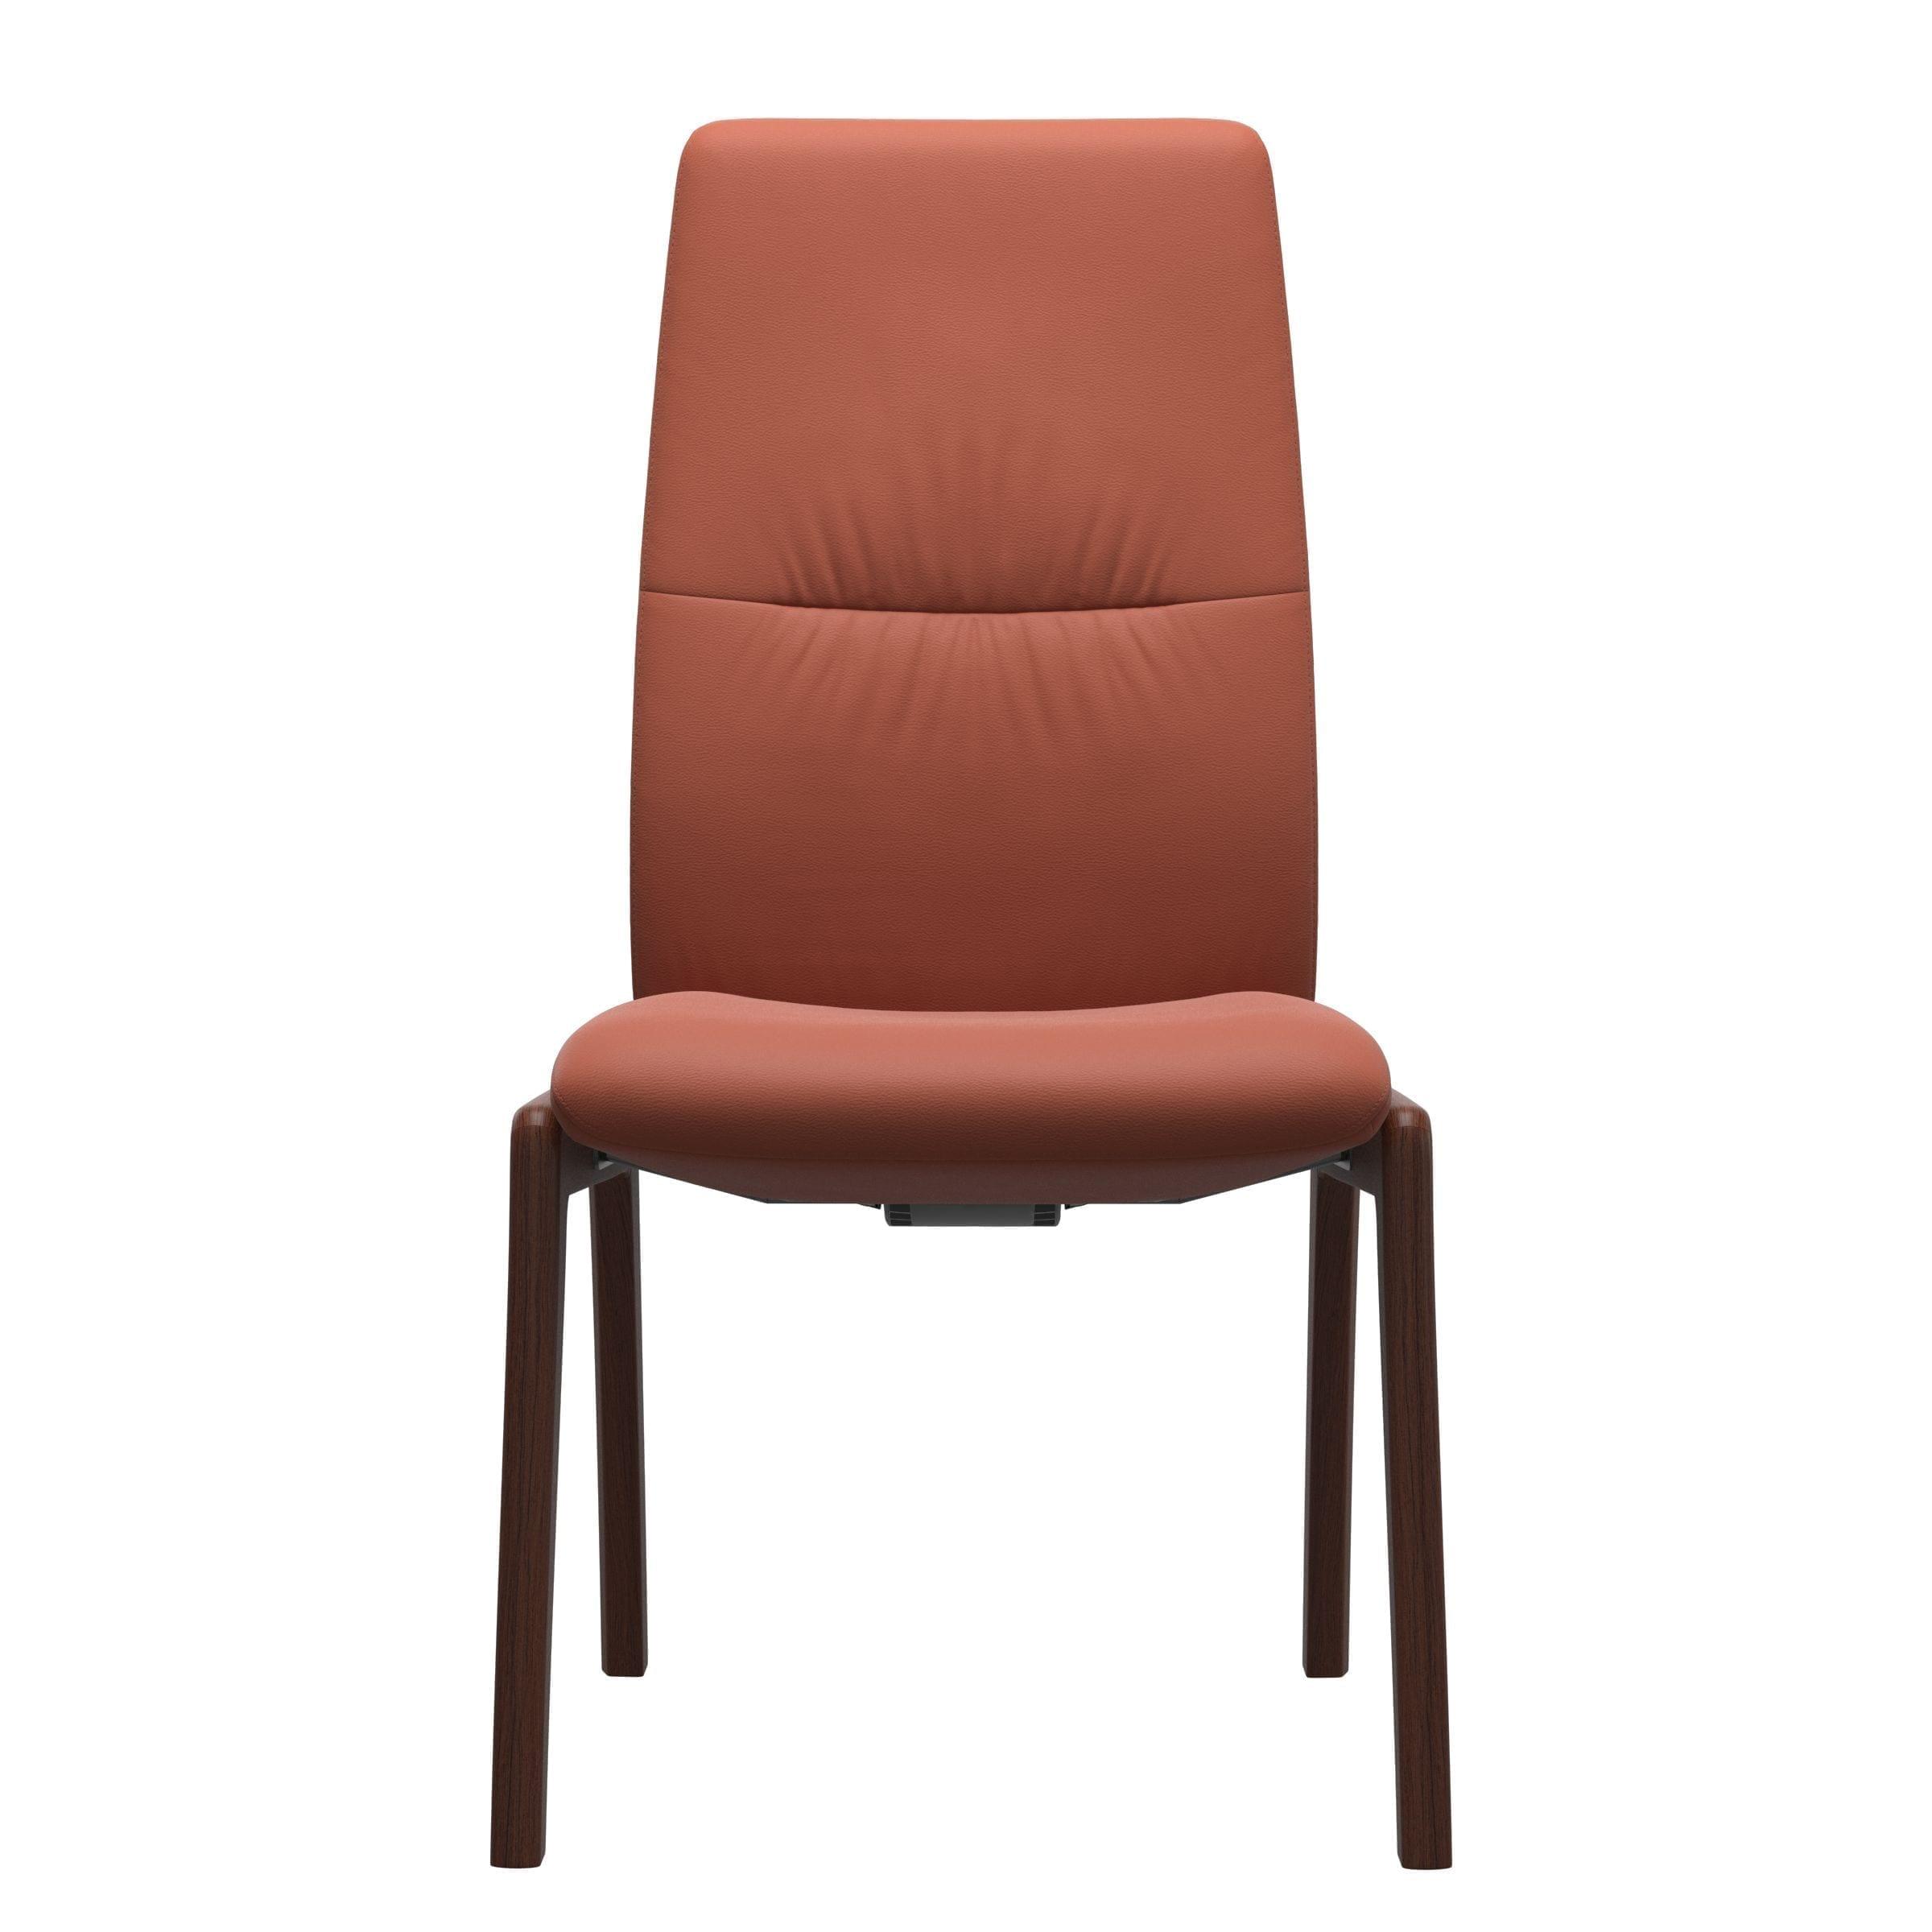 Mint High Back D100 Chair Stressless